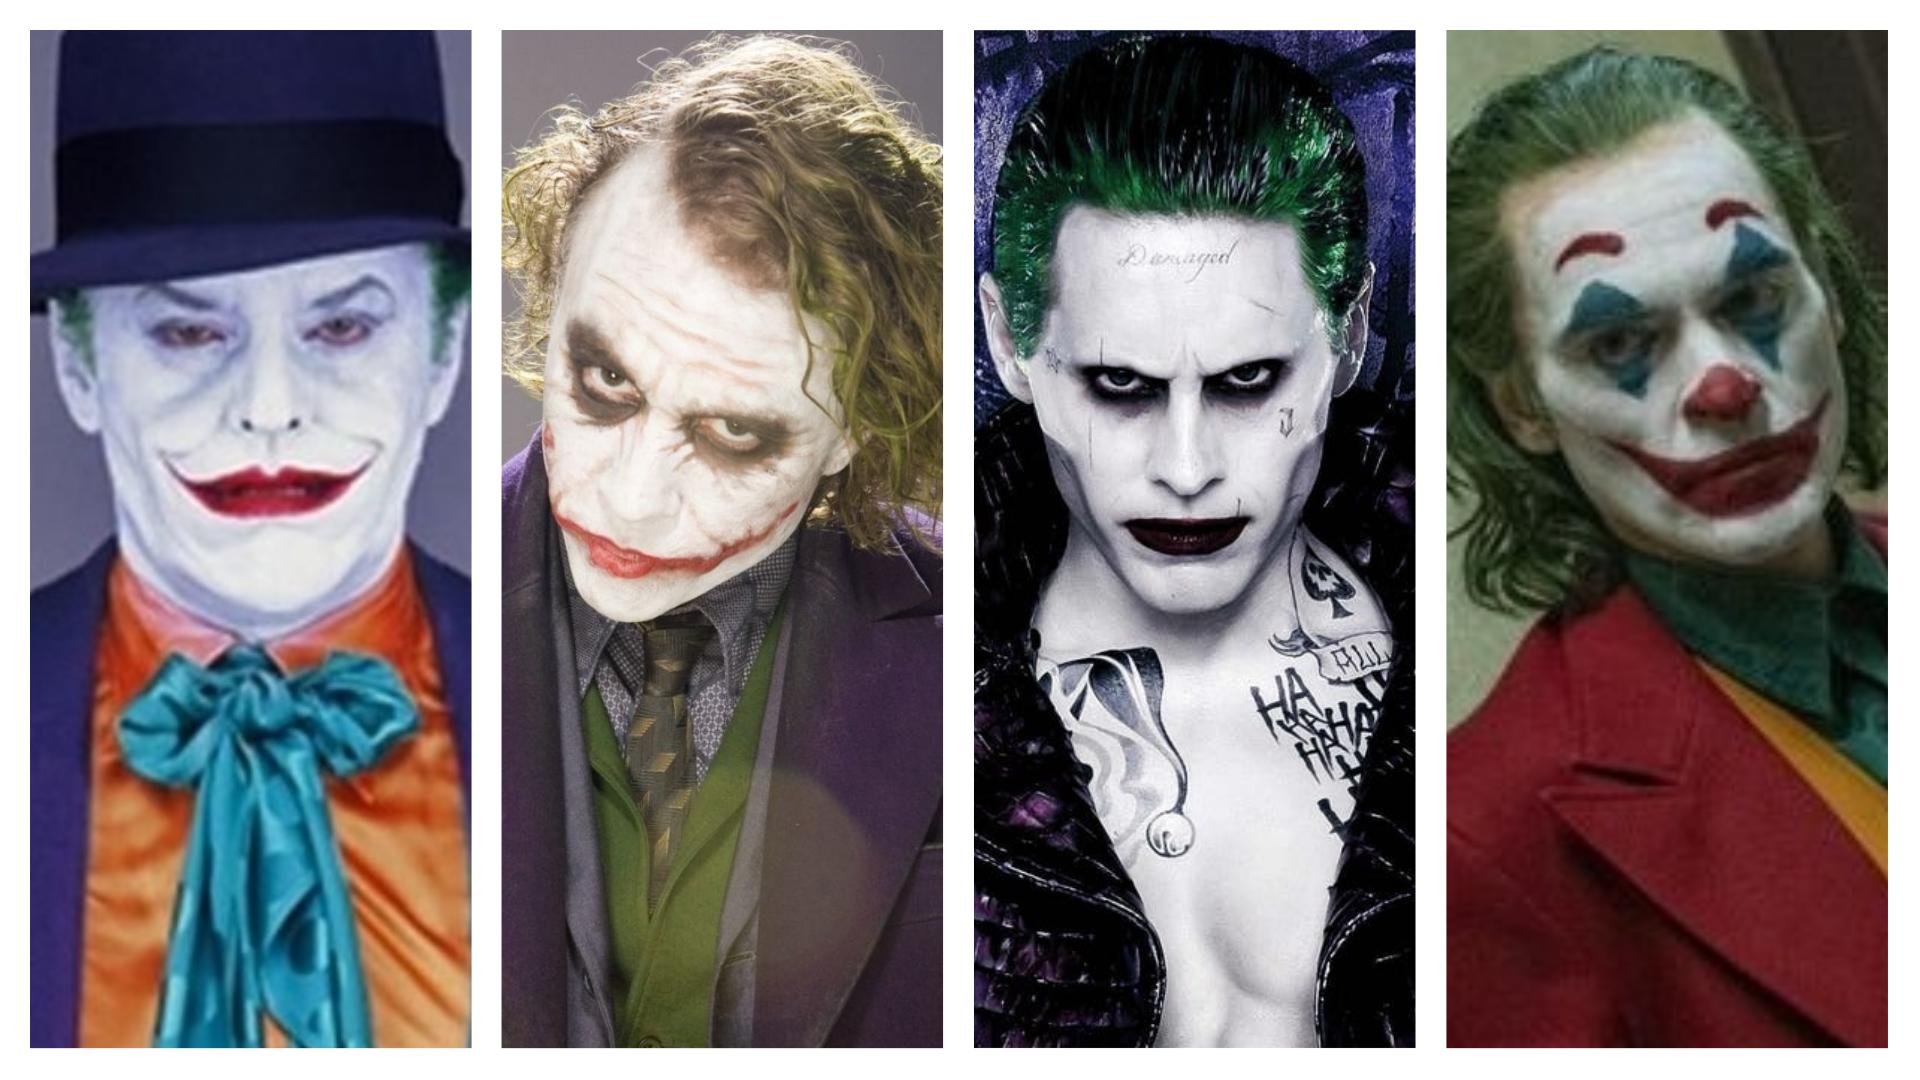 Live action Joker actors